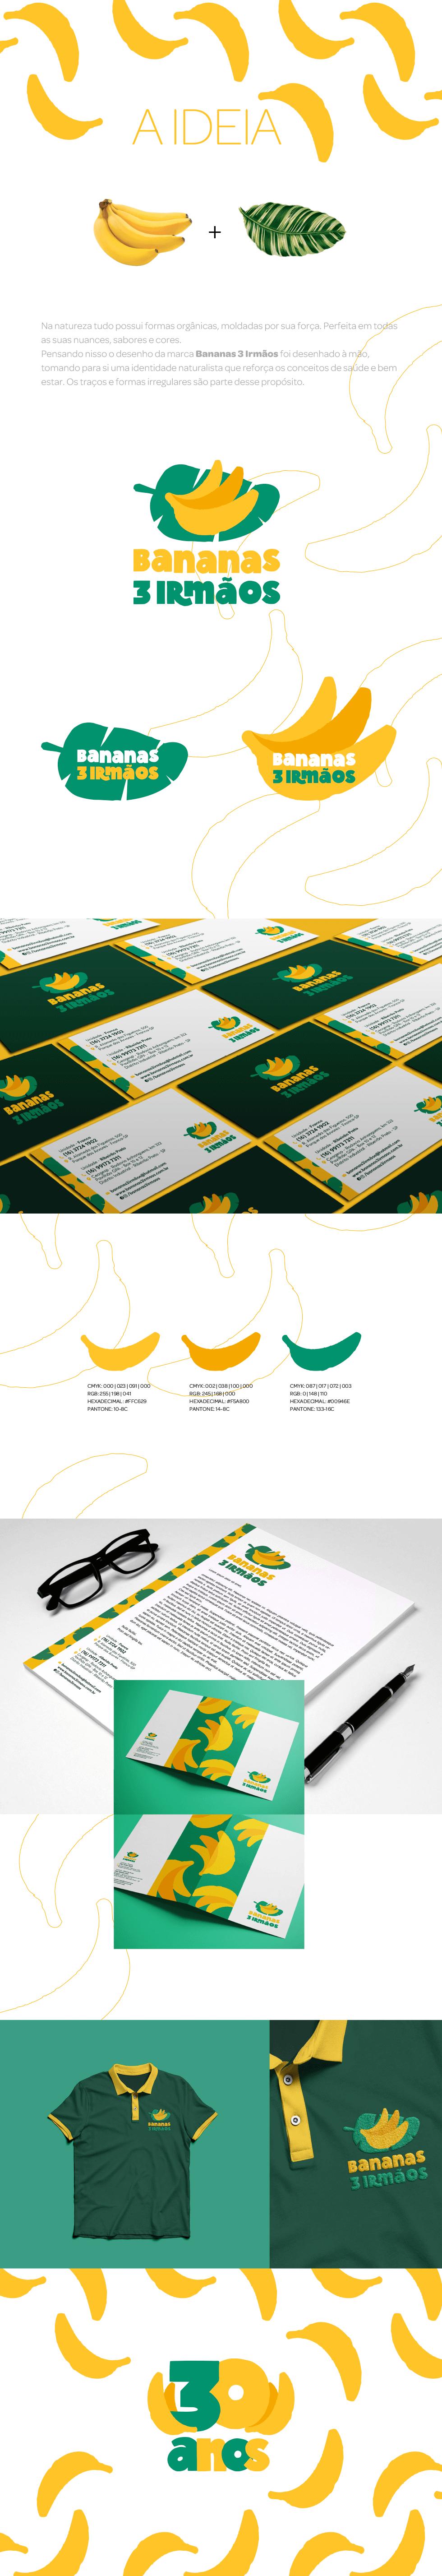 Redesign Bananas 3 Irmãos